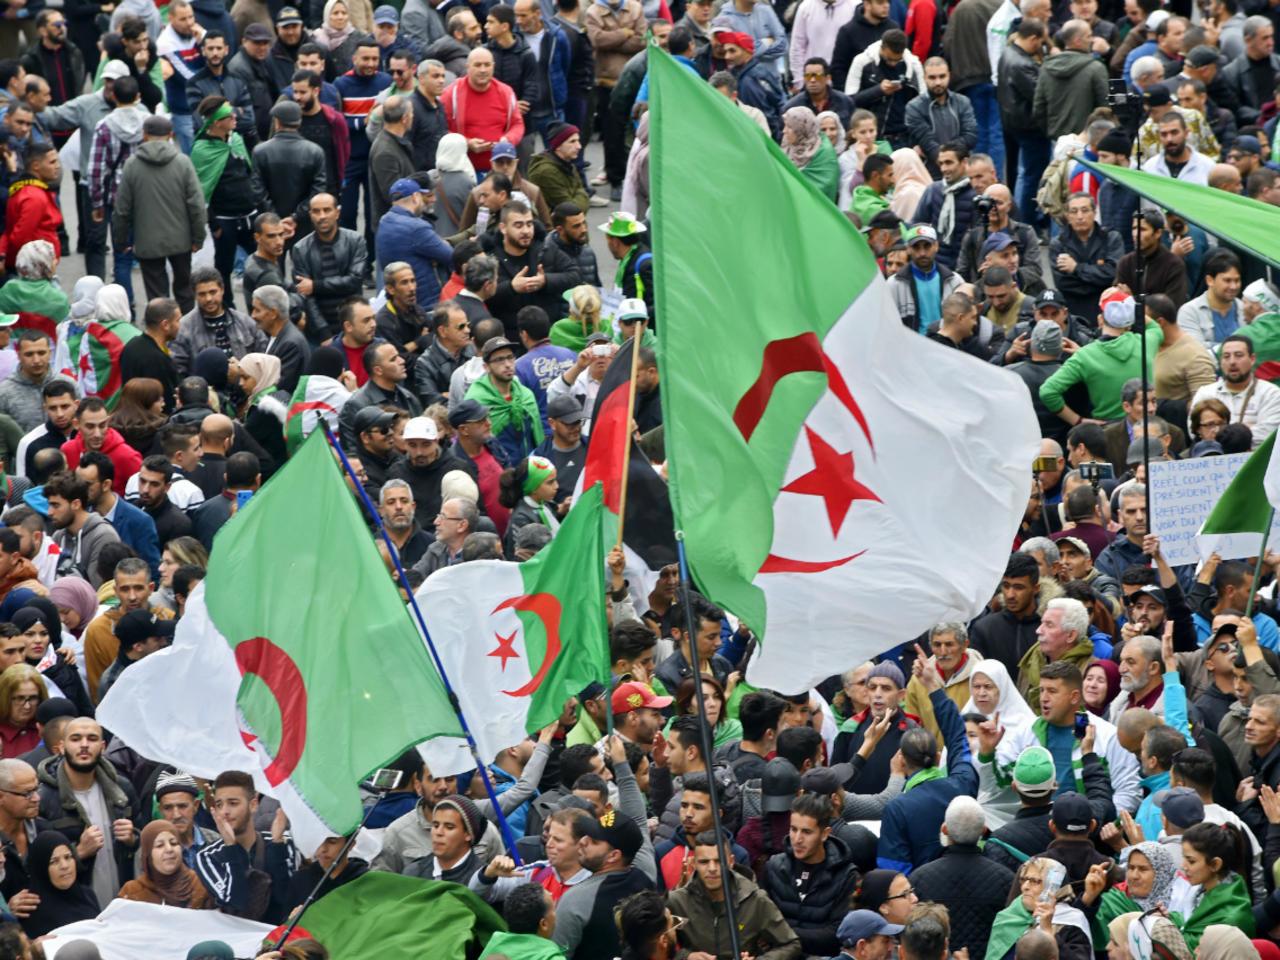 Algérie: Des dizaines de manifestants du Hirak présentés aujourd'hui devant le juge du tribunal de Sidi M'hamed